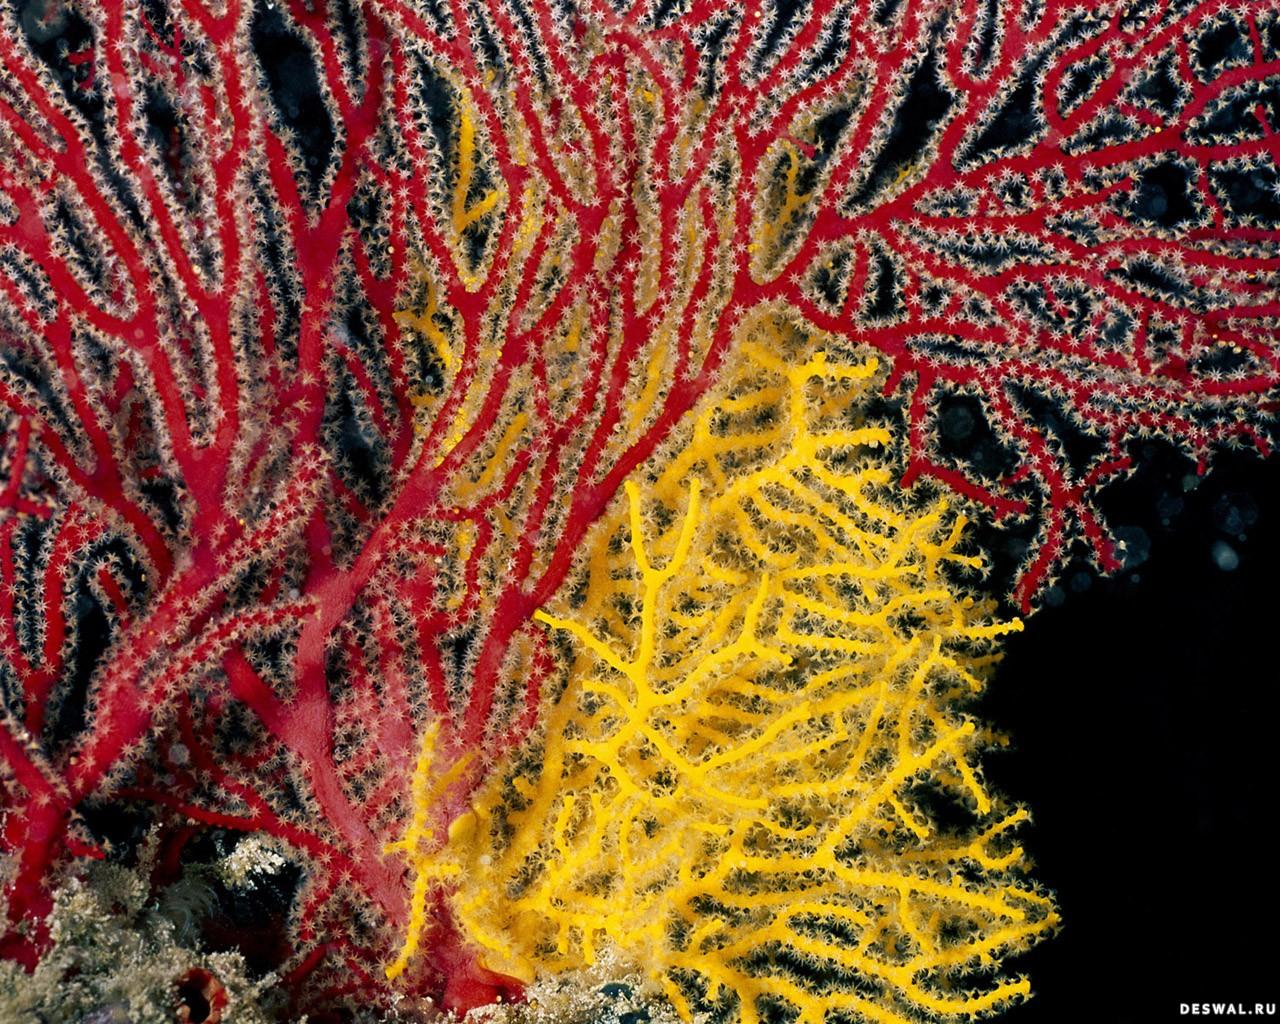 Фото 72. Нажмите на картинку с обоями подводного мира, чтобы просмотреть ее в реальном размере